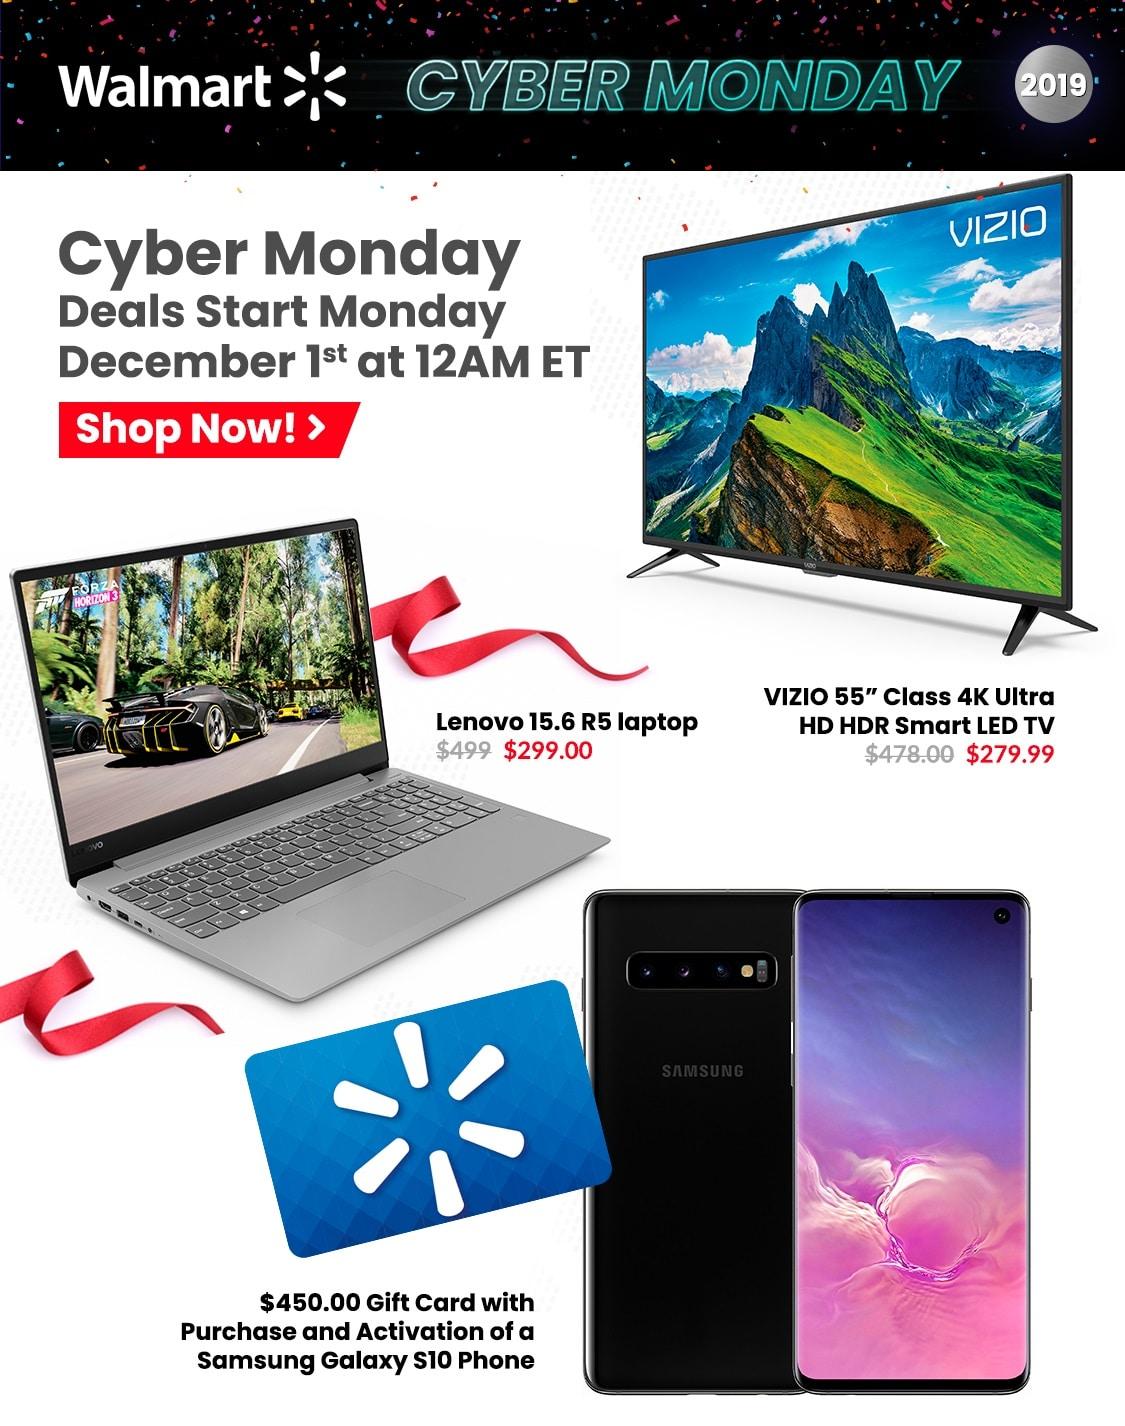 Walmart Cyber Monday 2019 Deals